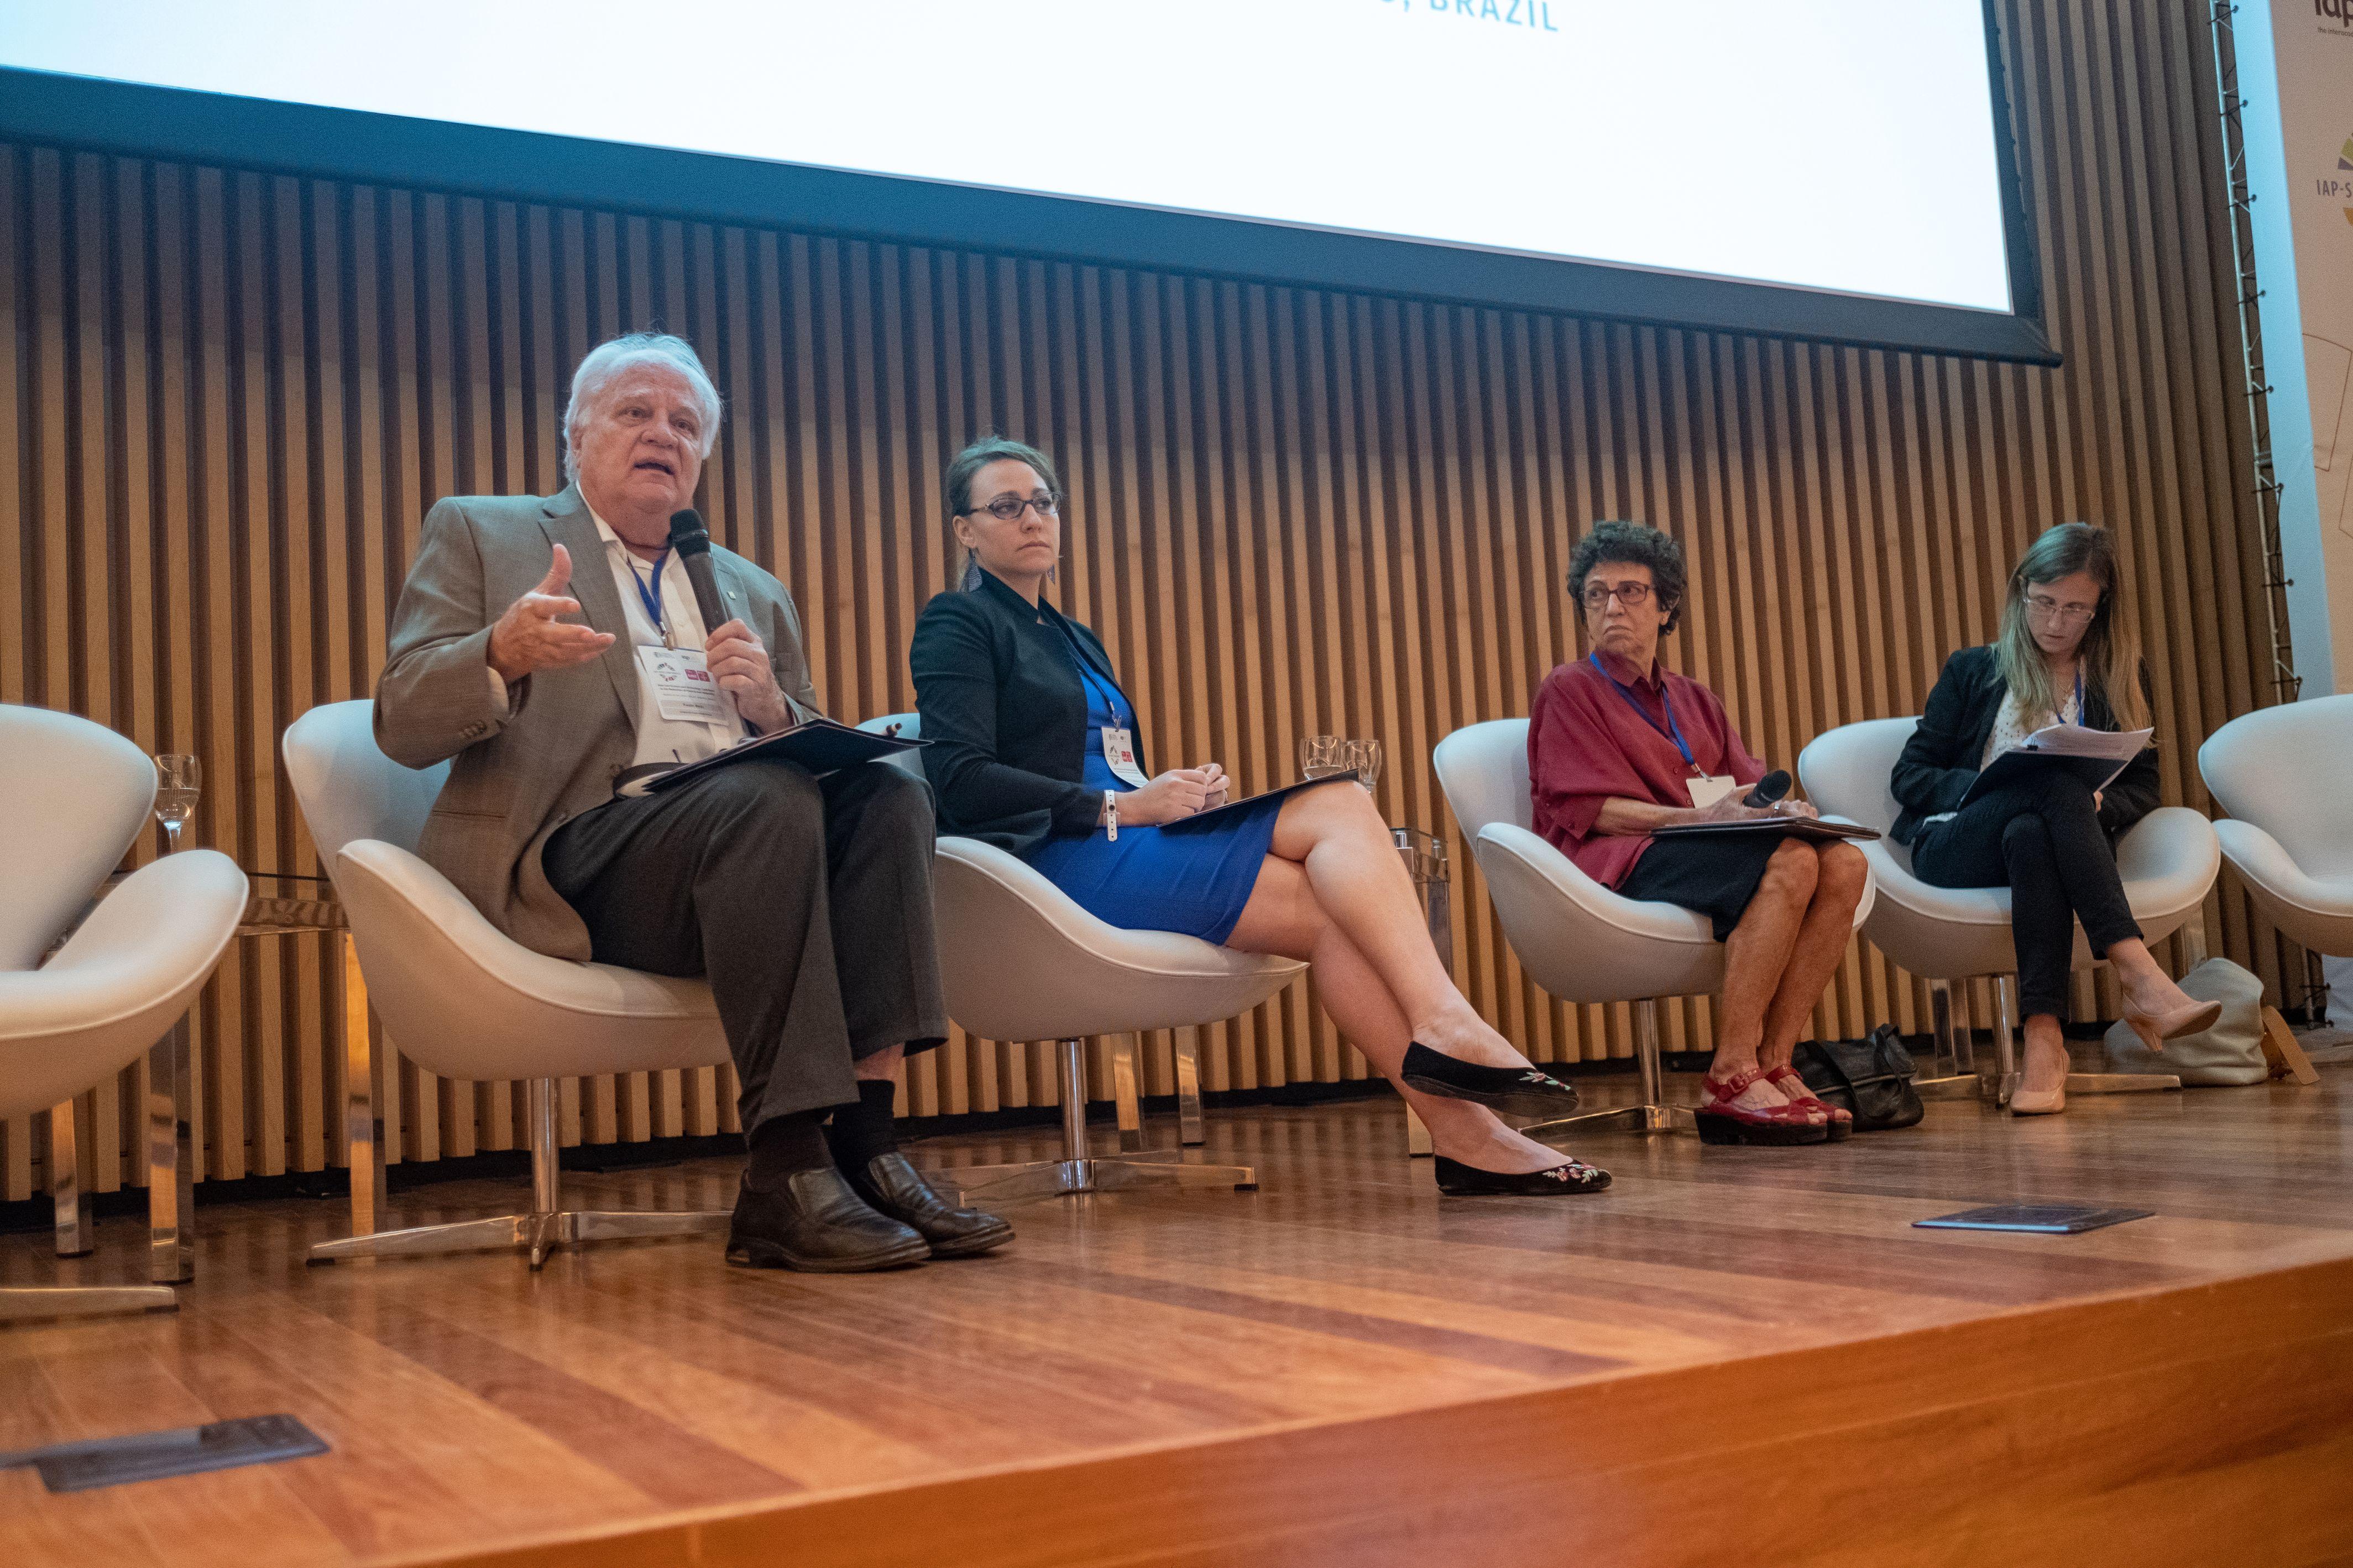 Evento discute como ciência pode reduzir pobreza e desigualdade